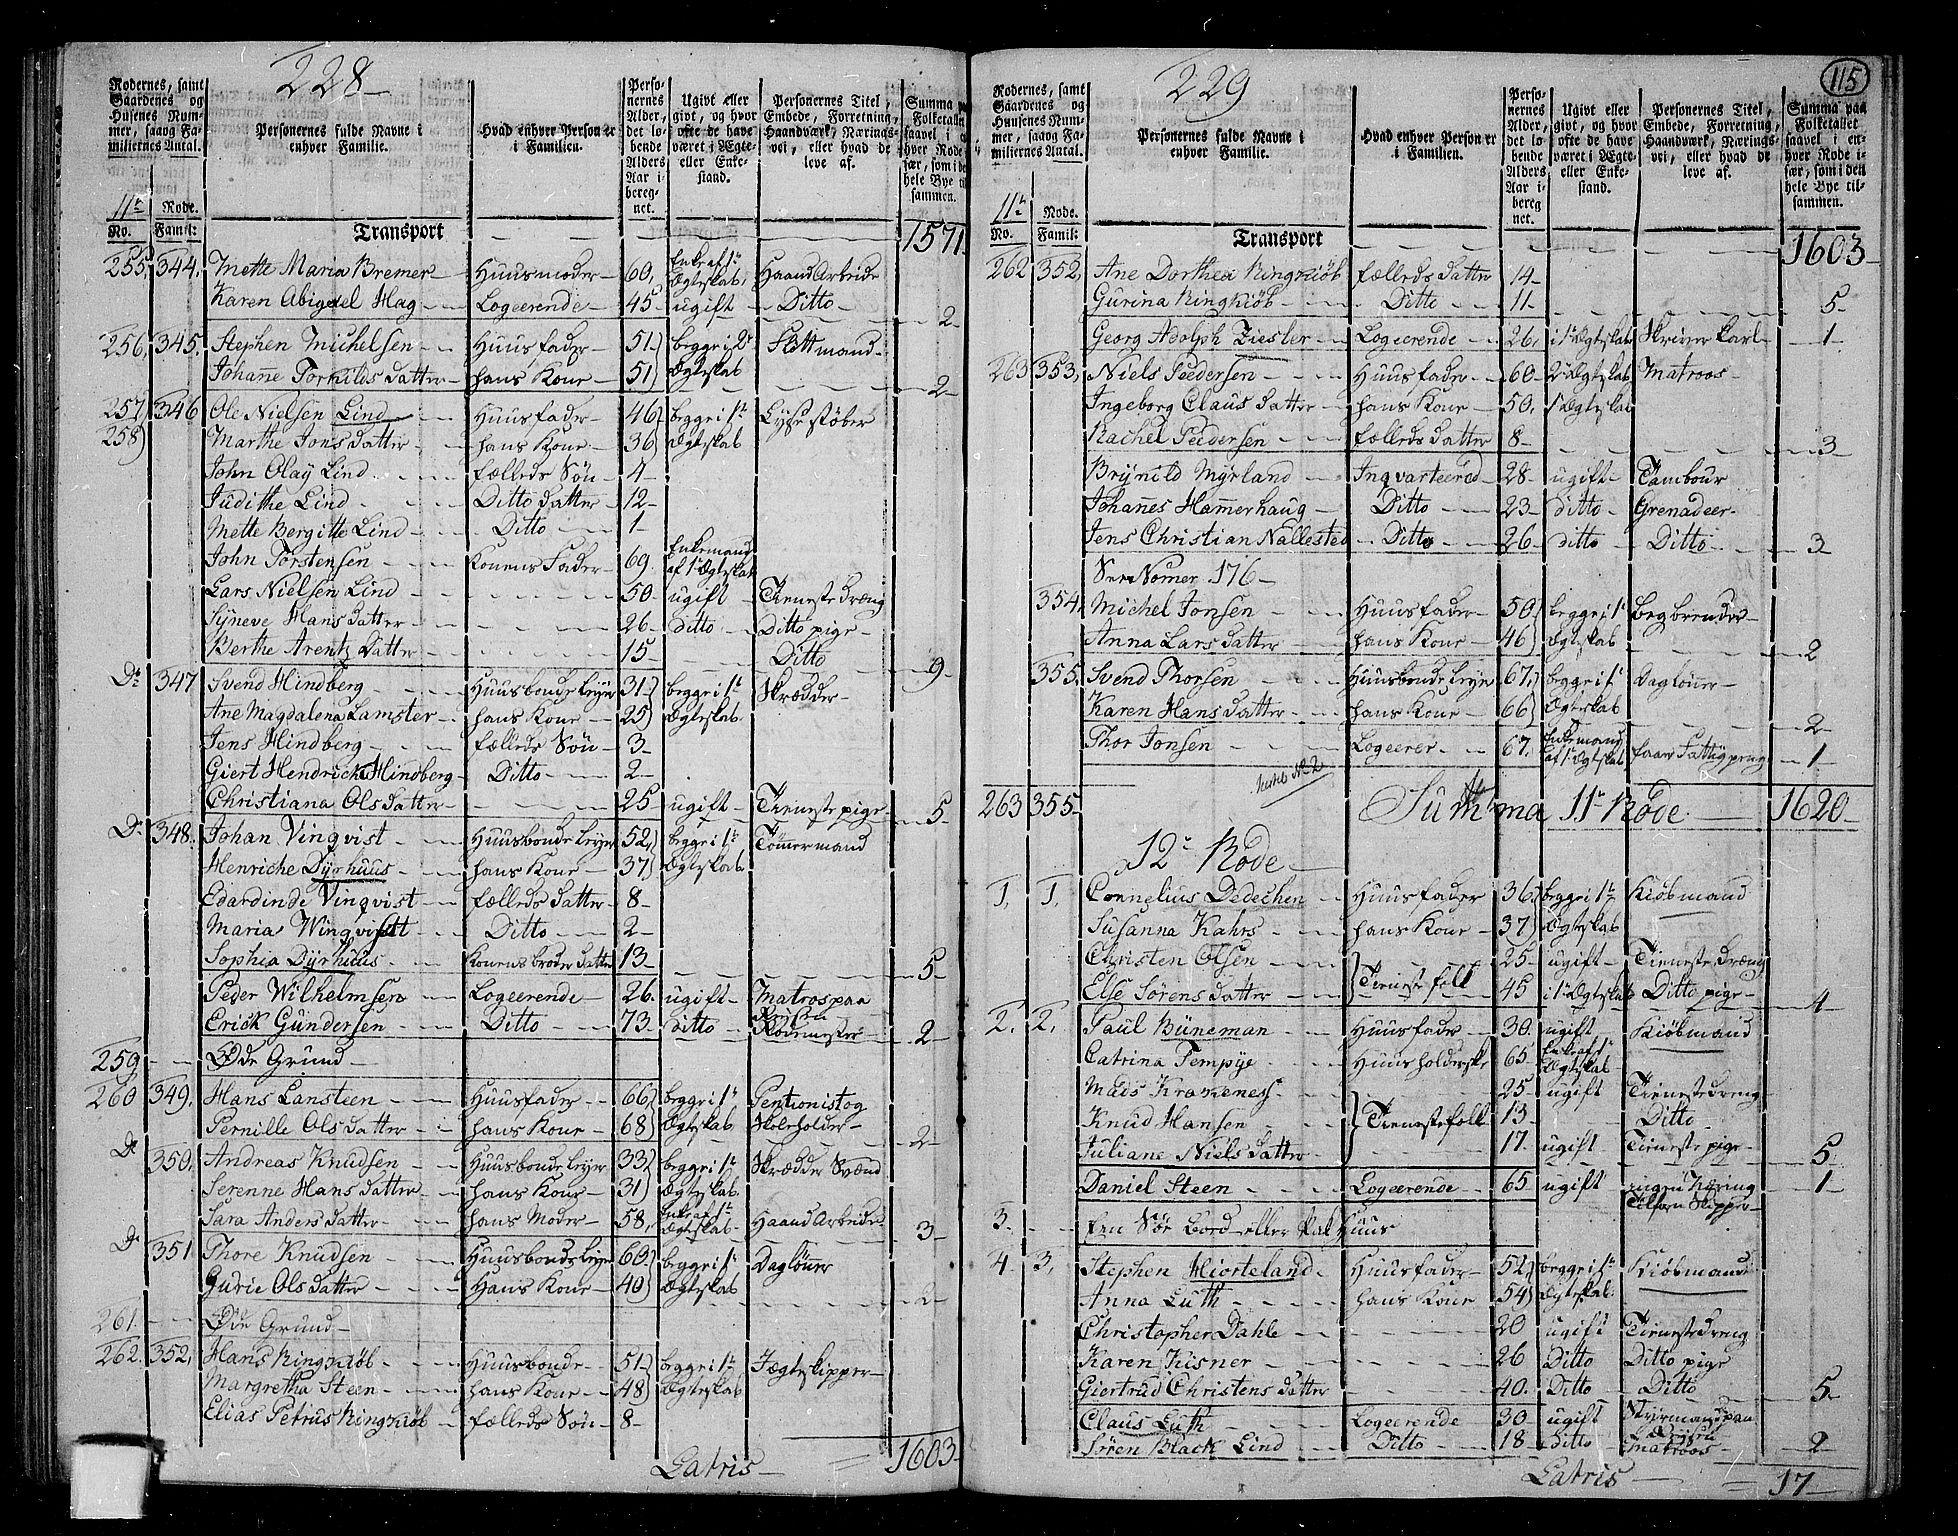 RA, Folketelling 1801 for 1301 Bergen kjøpstad, 1801, s. 114b-115a